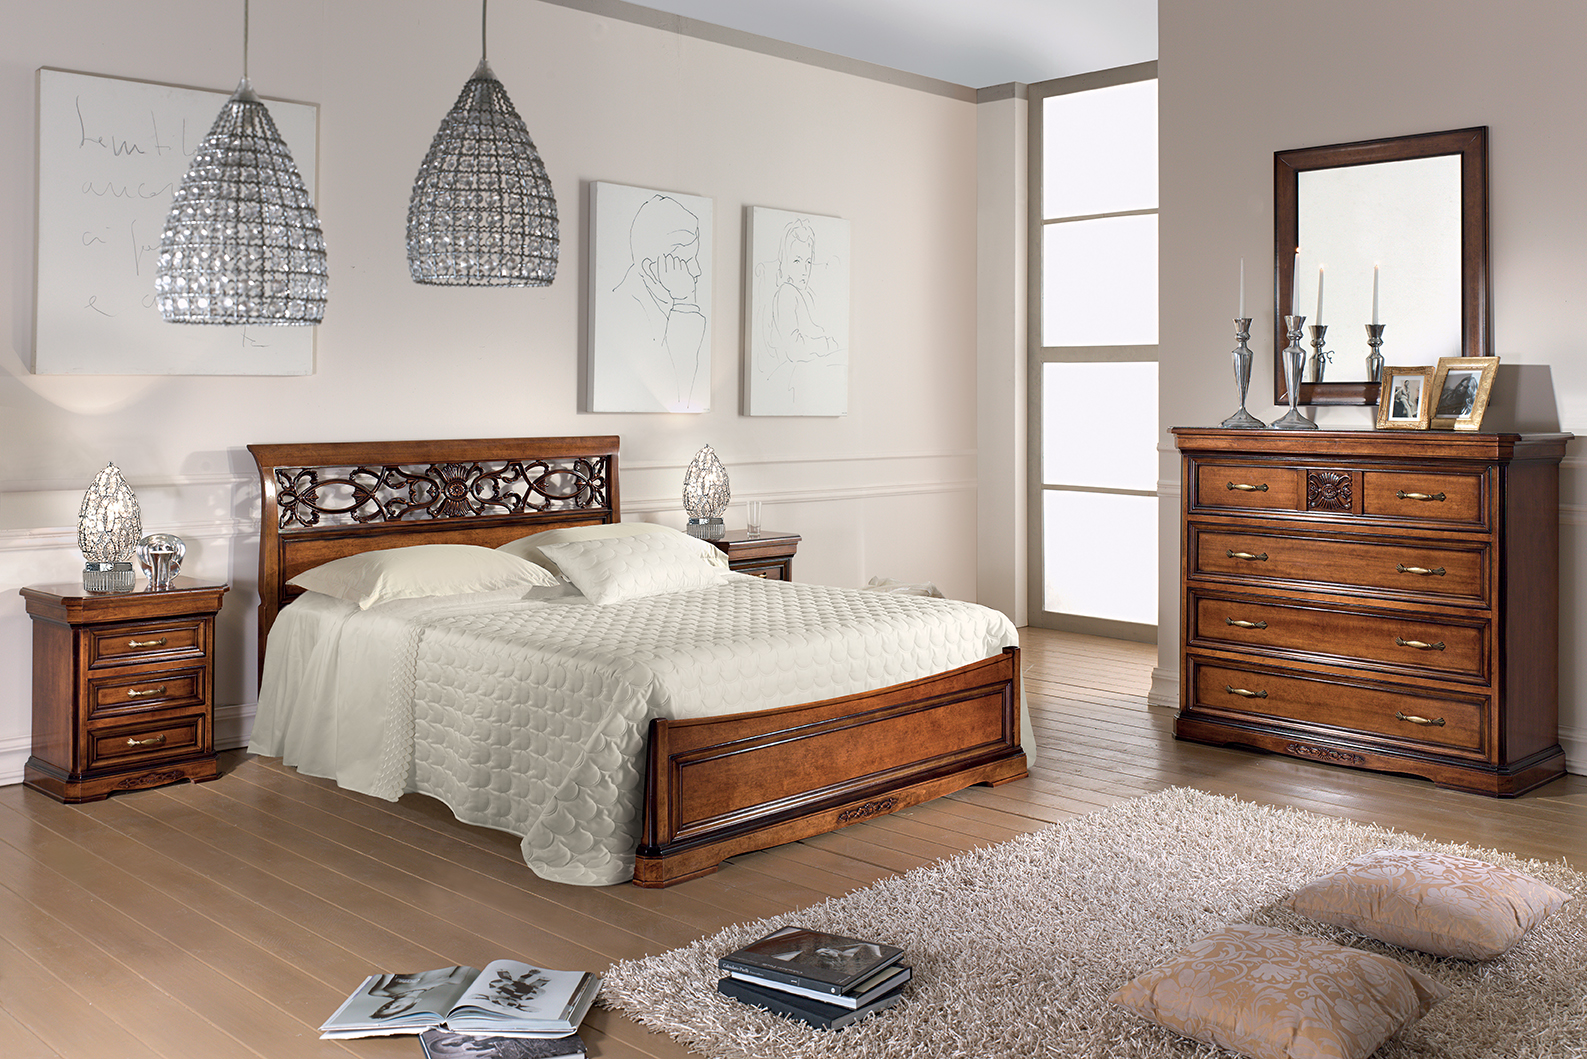 Camera da letto bianca e legno ispiratevi con queste 15 idee incantevoli - Camera da letto marinara ...